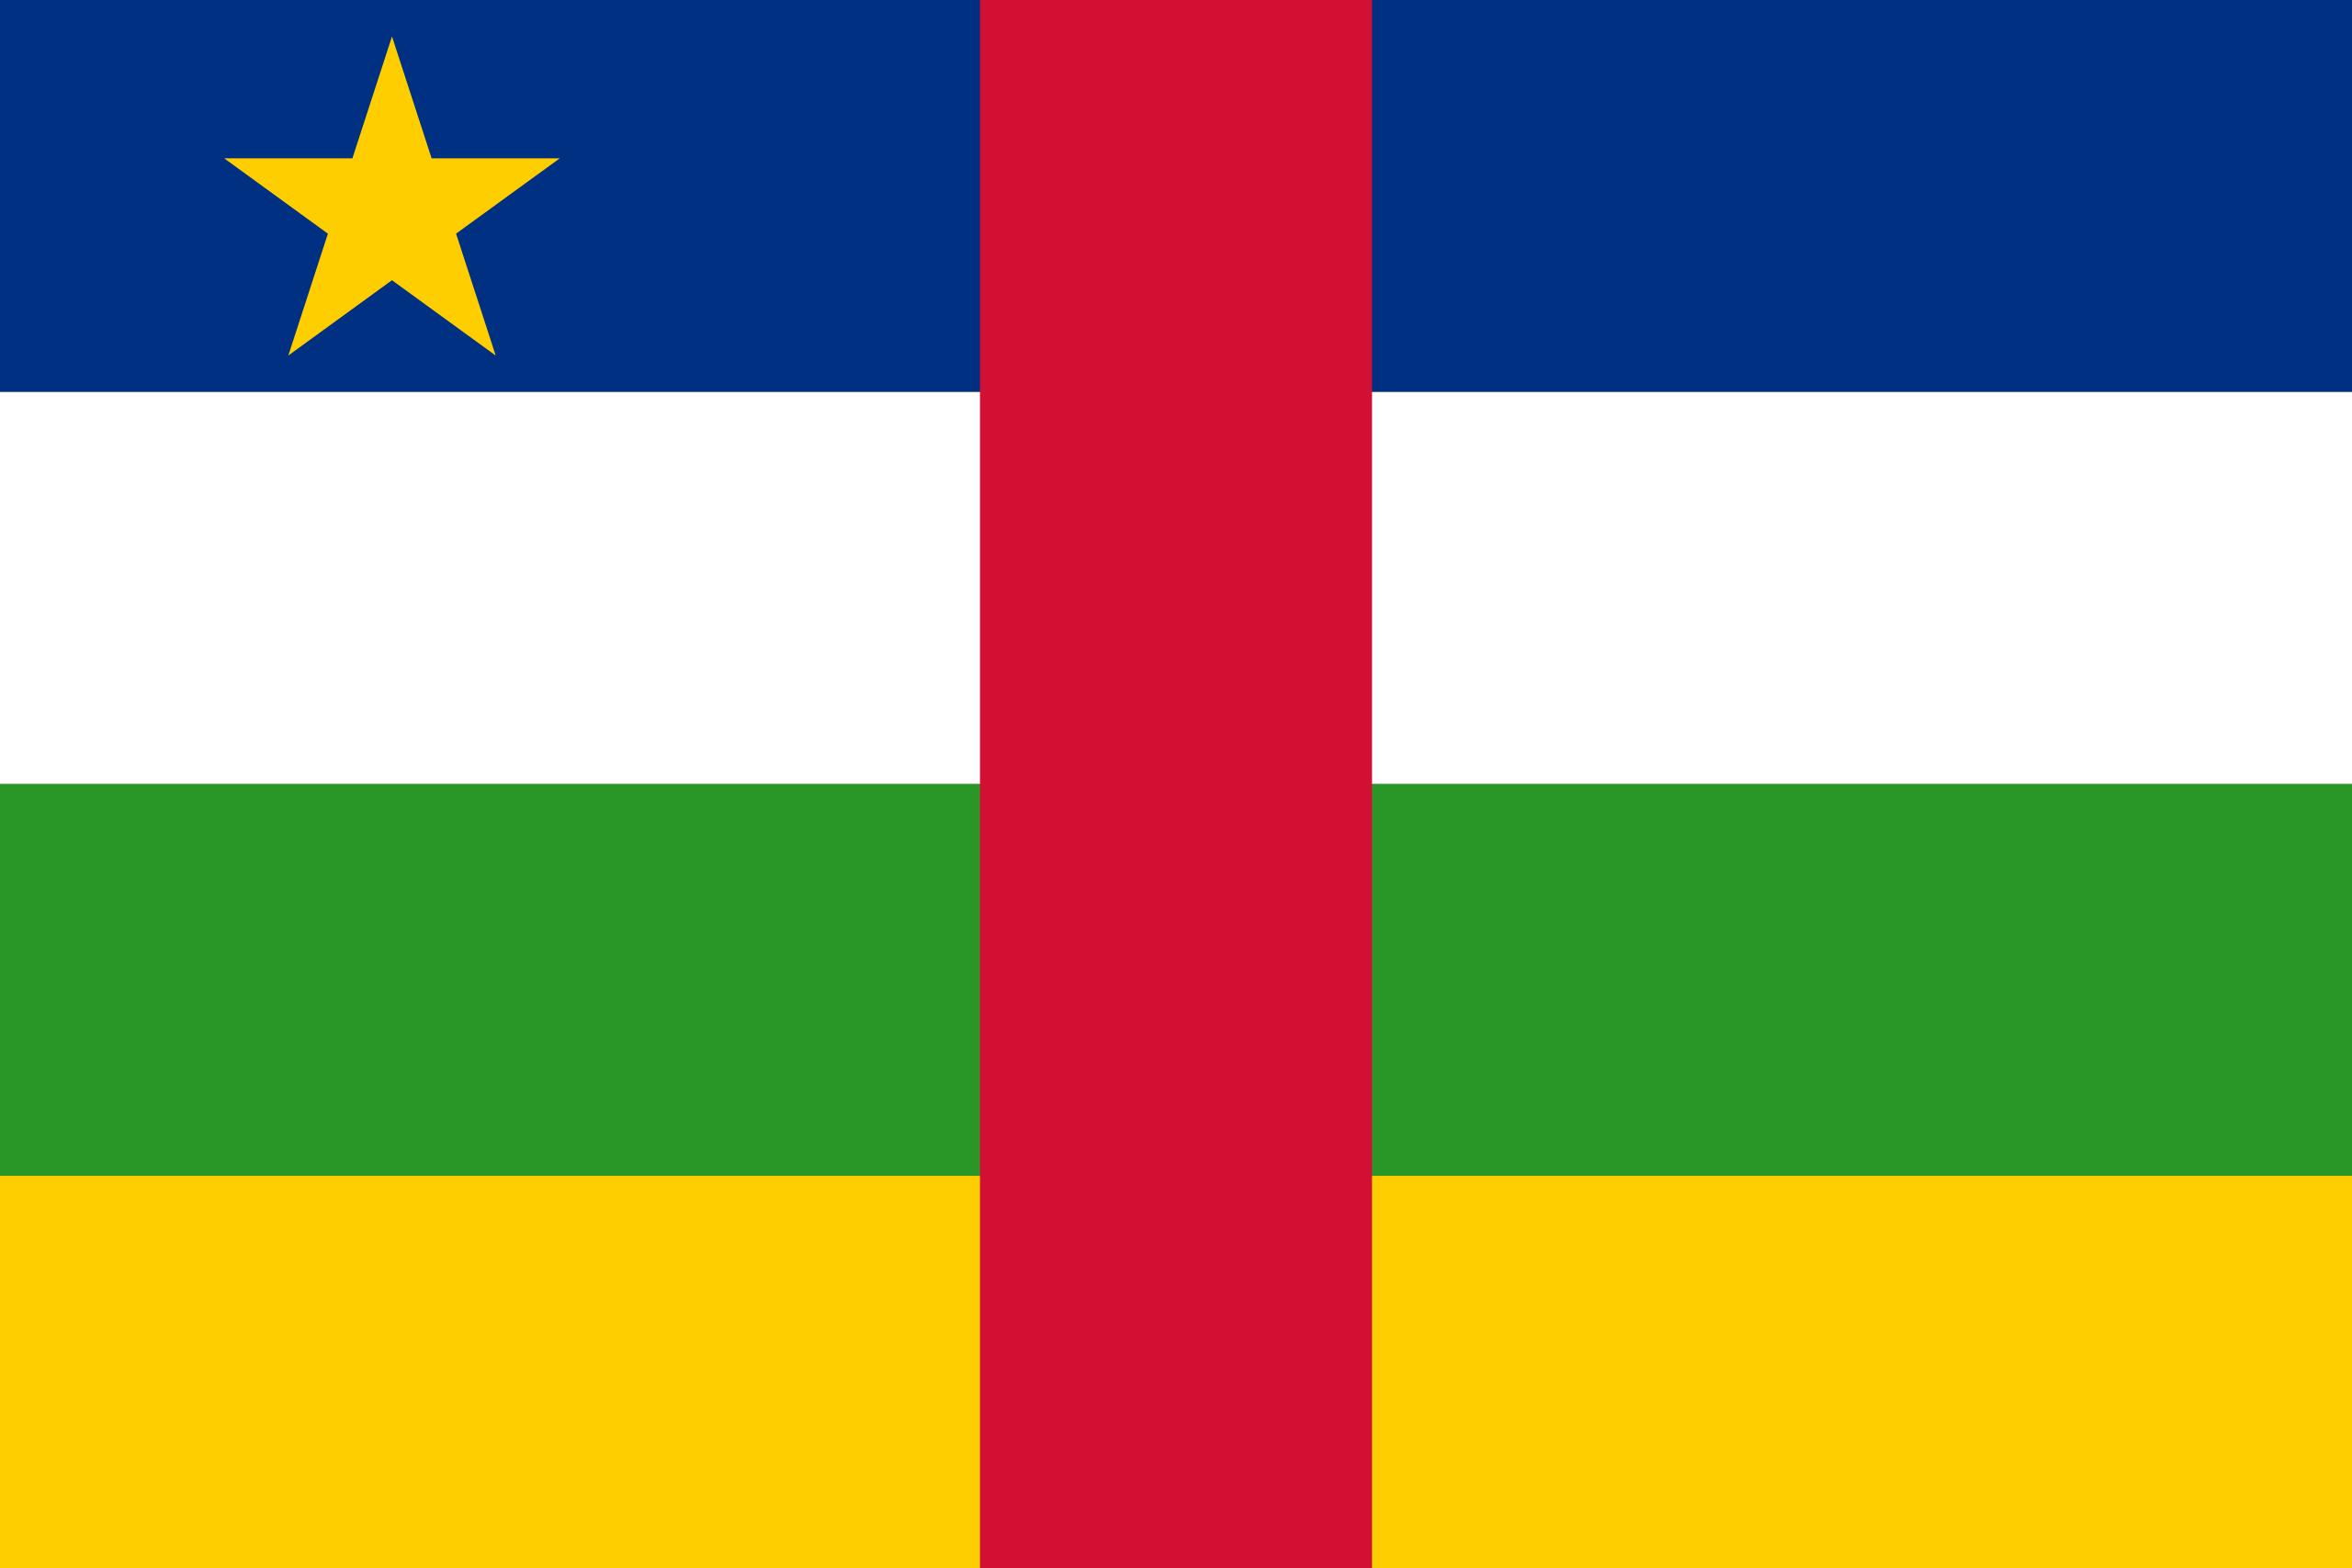 república centroafricana, país, emblema, insignia, σύμβολο - Wallpapers HD - Professor-falken.com